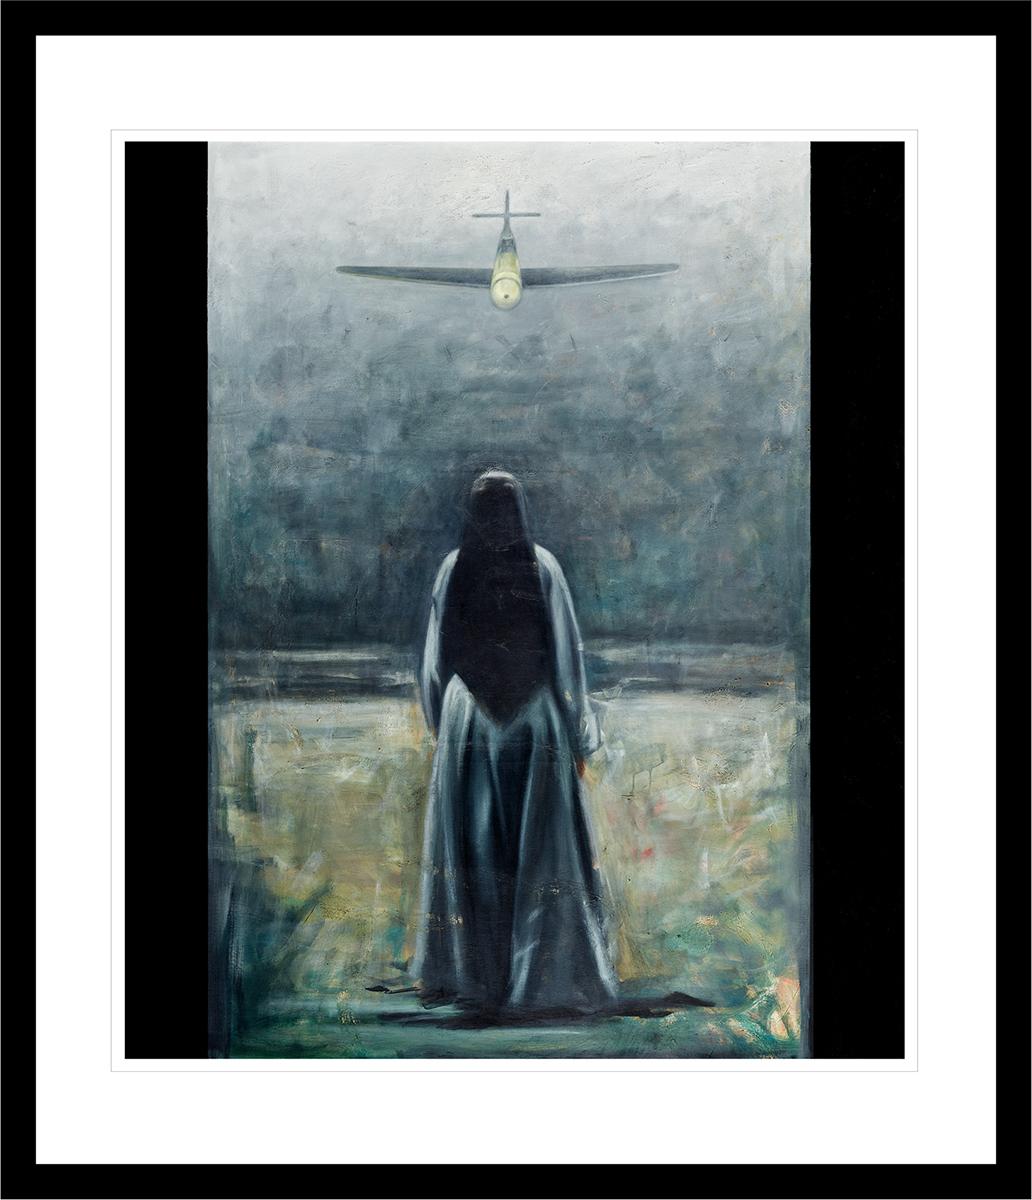 En nonne står foran et angrepsfly under bombingen av Guernica. Håndkolorert grafikk av Vebjørn Sand.